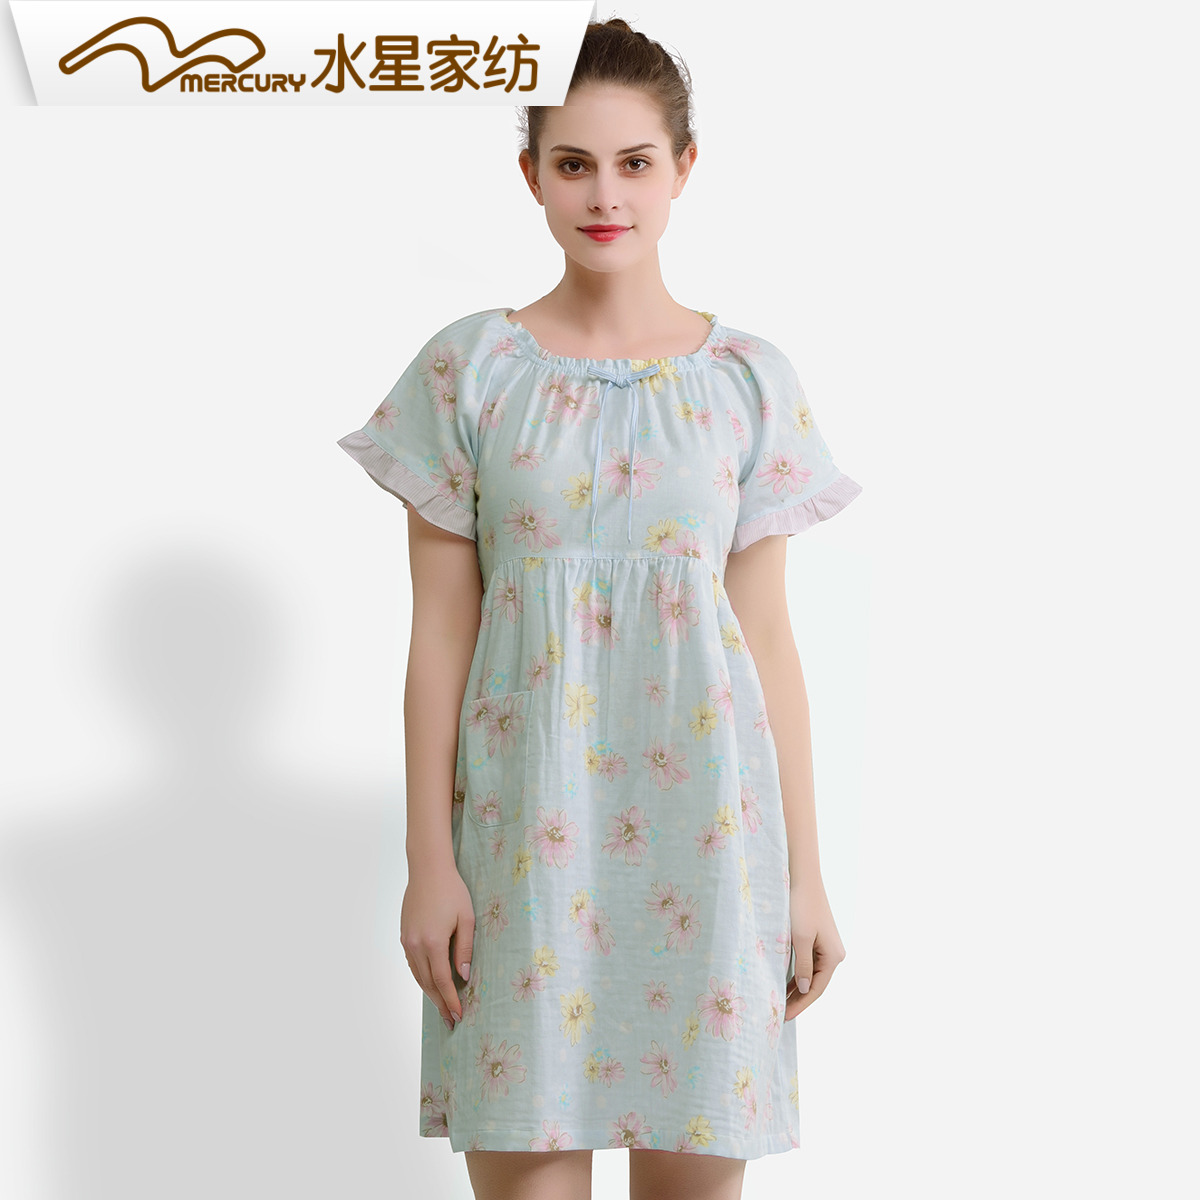 水星家纺家居服套装女夏装女款短袖雏菊裙装短袖连衣裙静沐暖阳